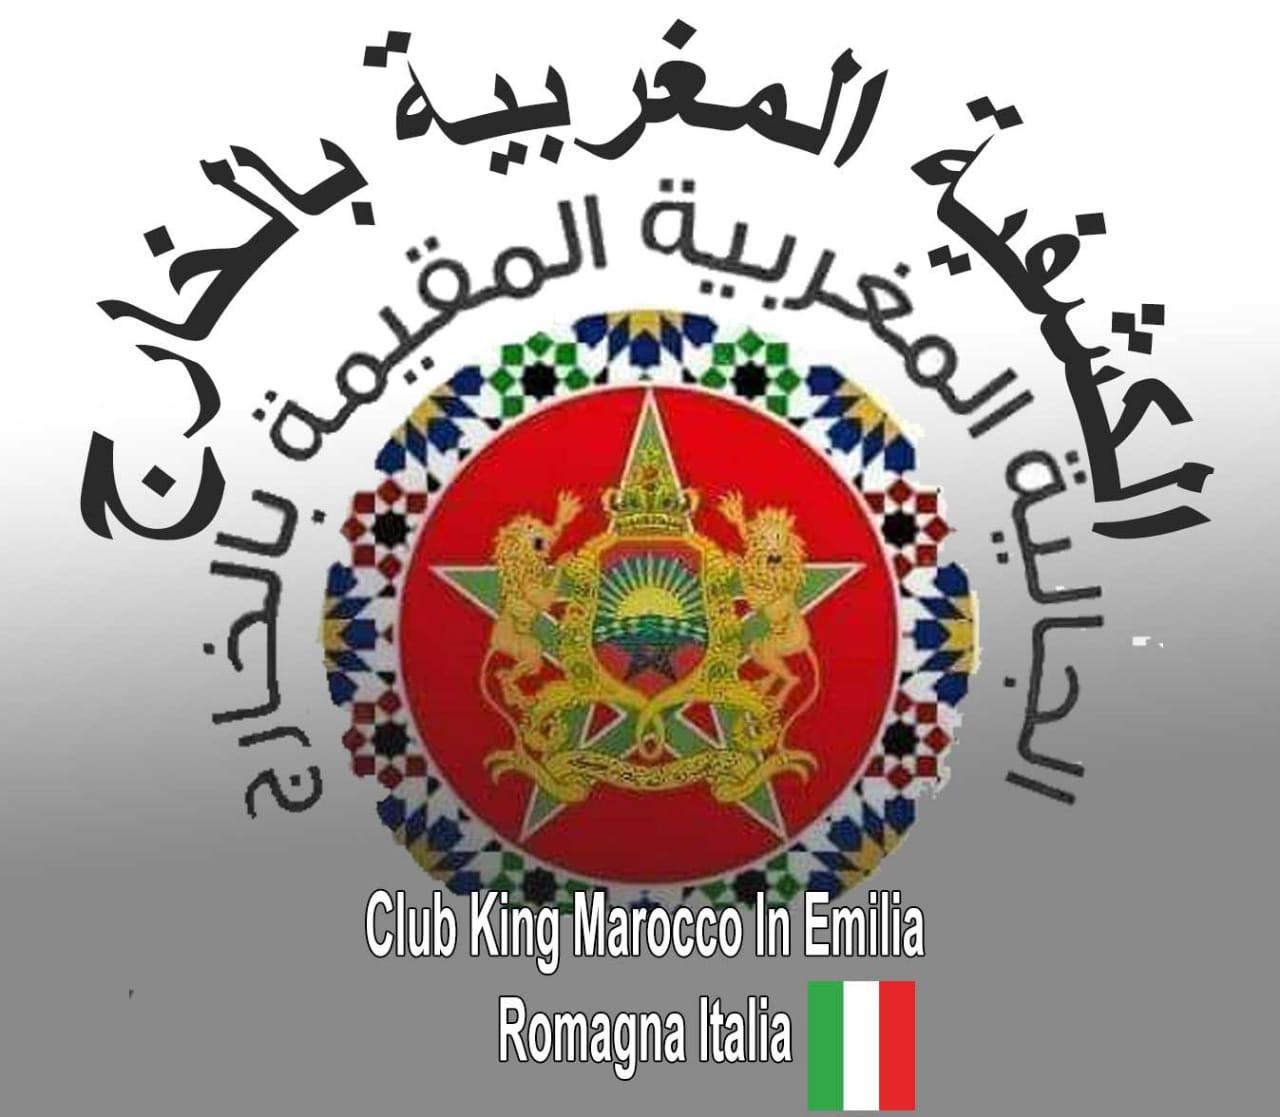 إيطاليا.. تأسيس «أول فرع كشفية» لـ «مغاربة العالم» بمدينة ريجيوا ايمليا التي ينشط بها أعداء المغرب